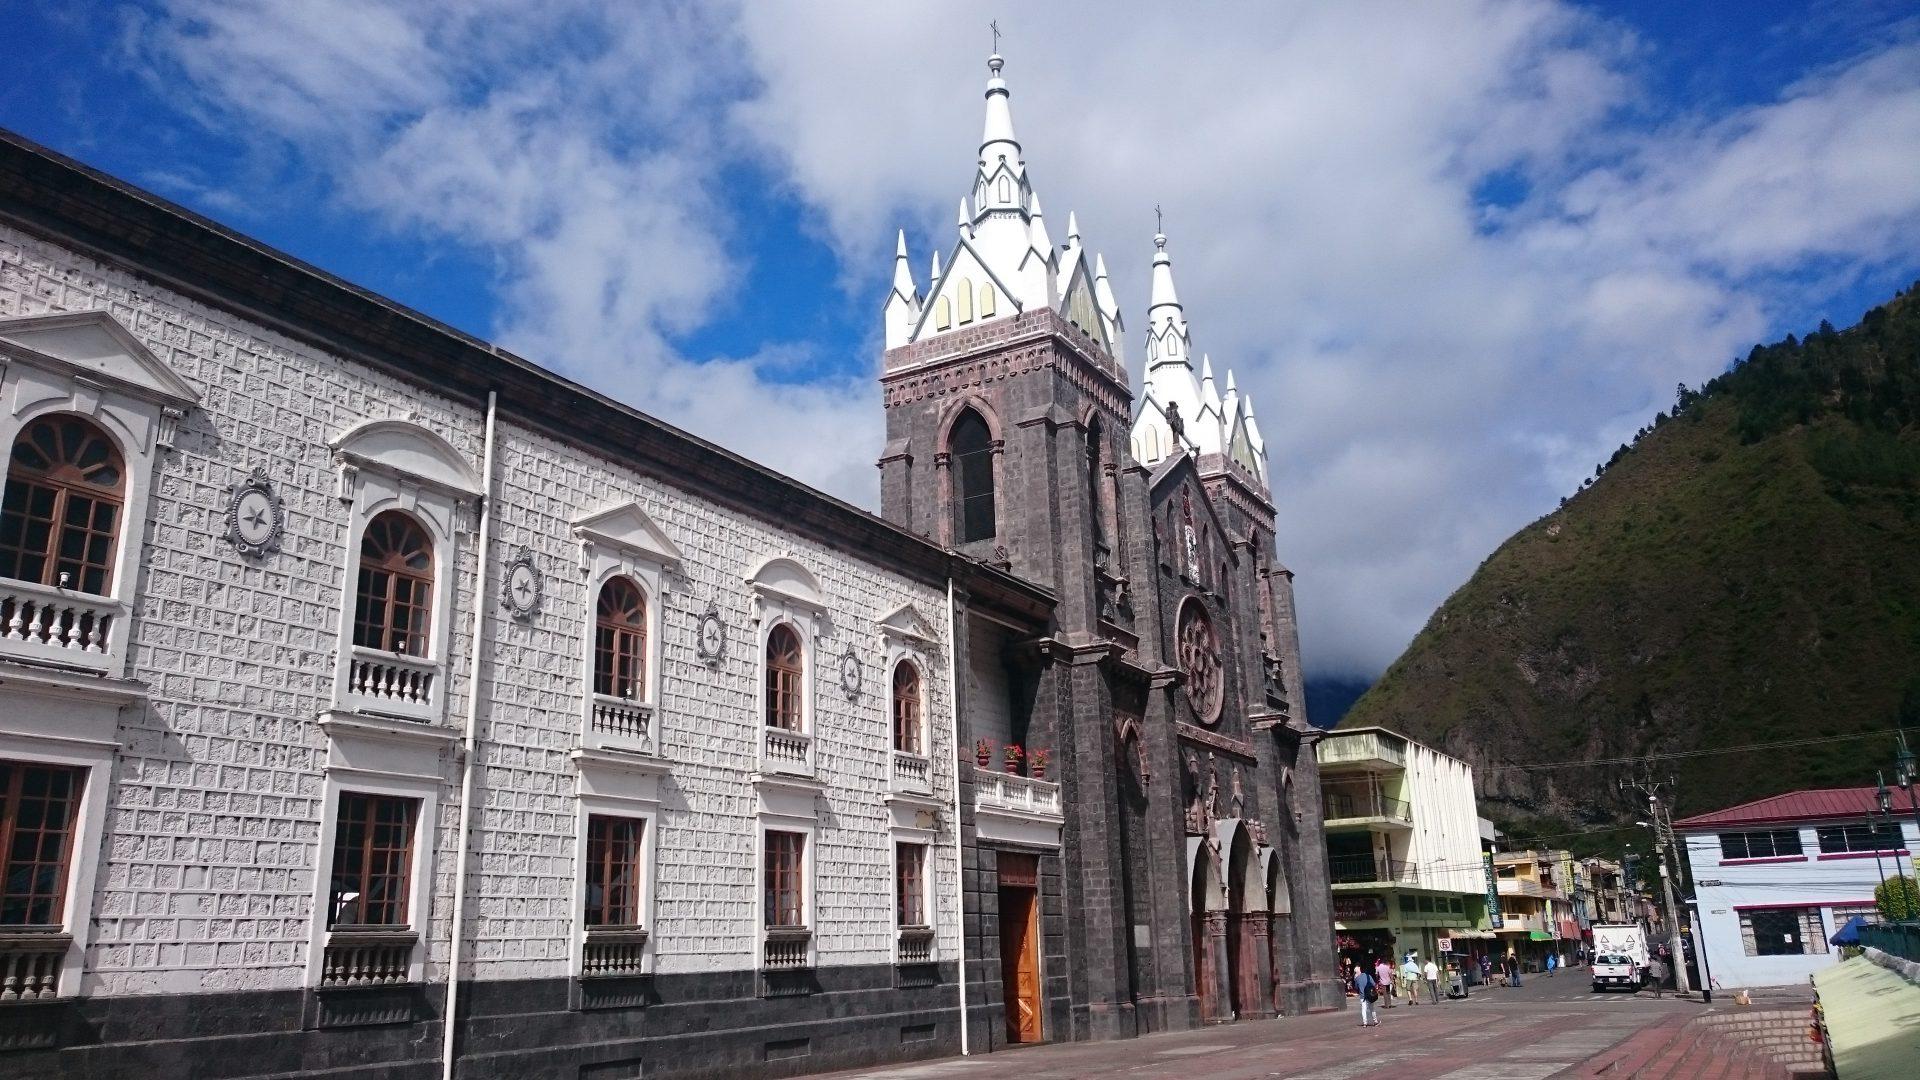 Basílica de Nuestra Señora de Agua Santa, Ecuador